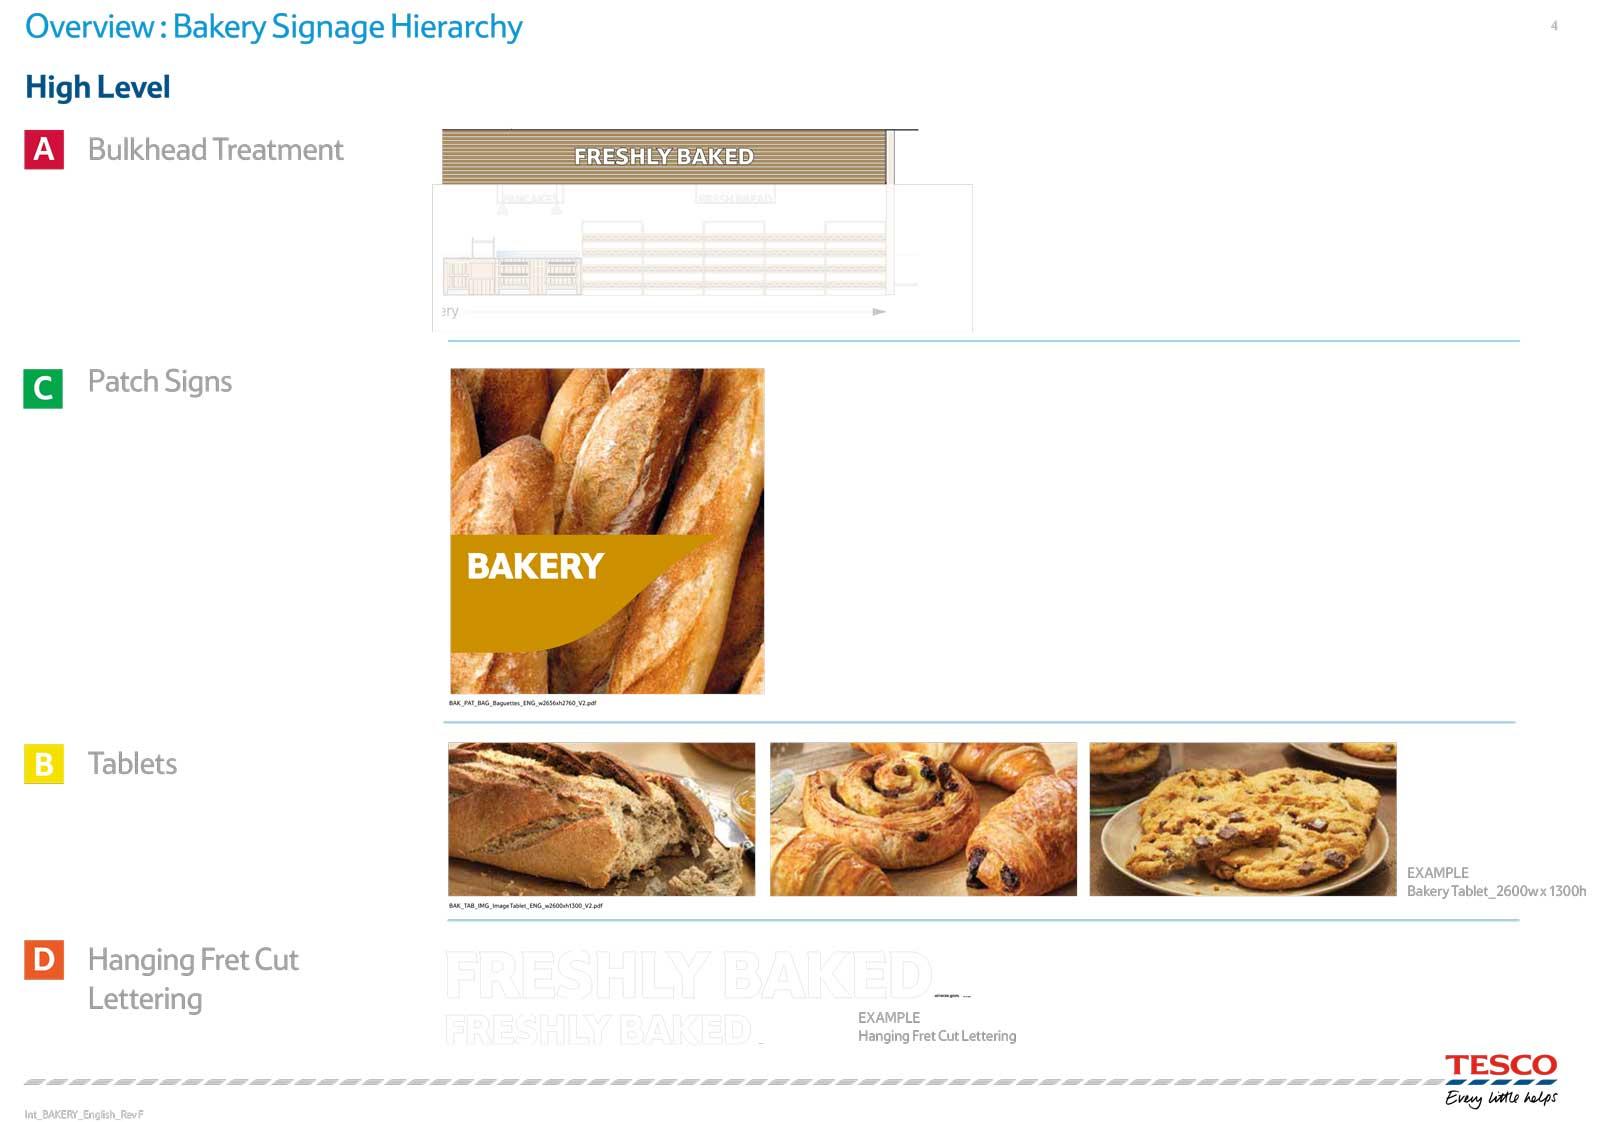 signage-bakery-inernalotesco